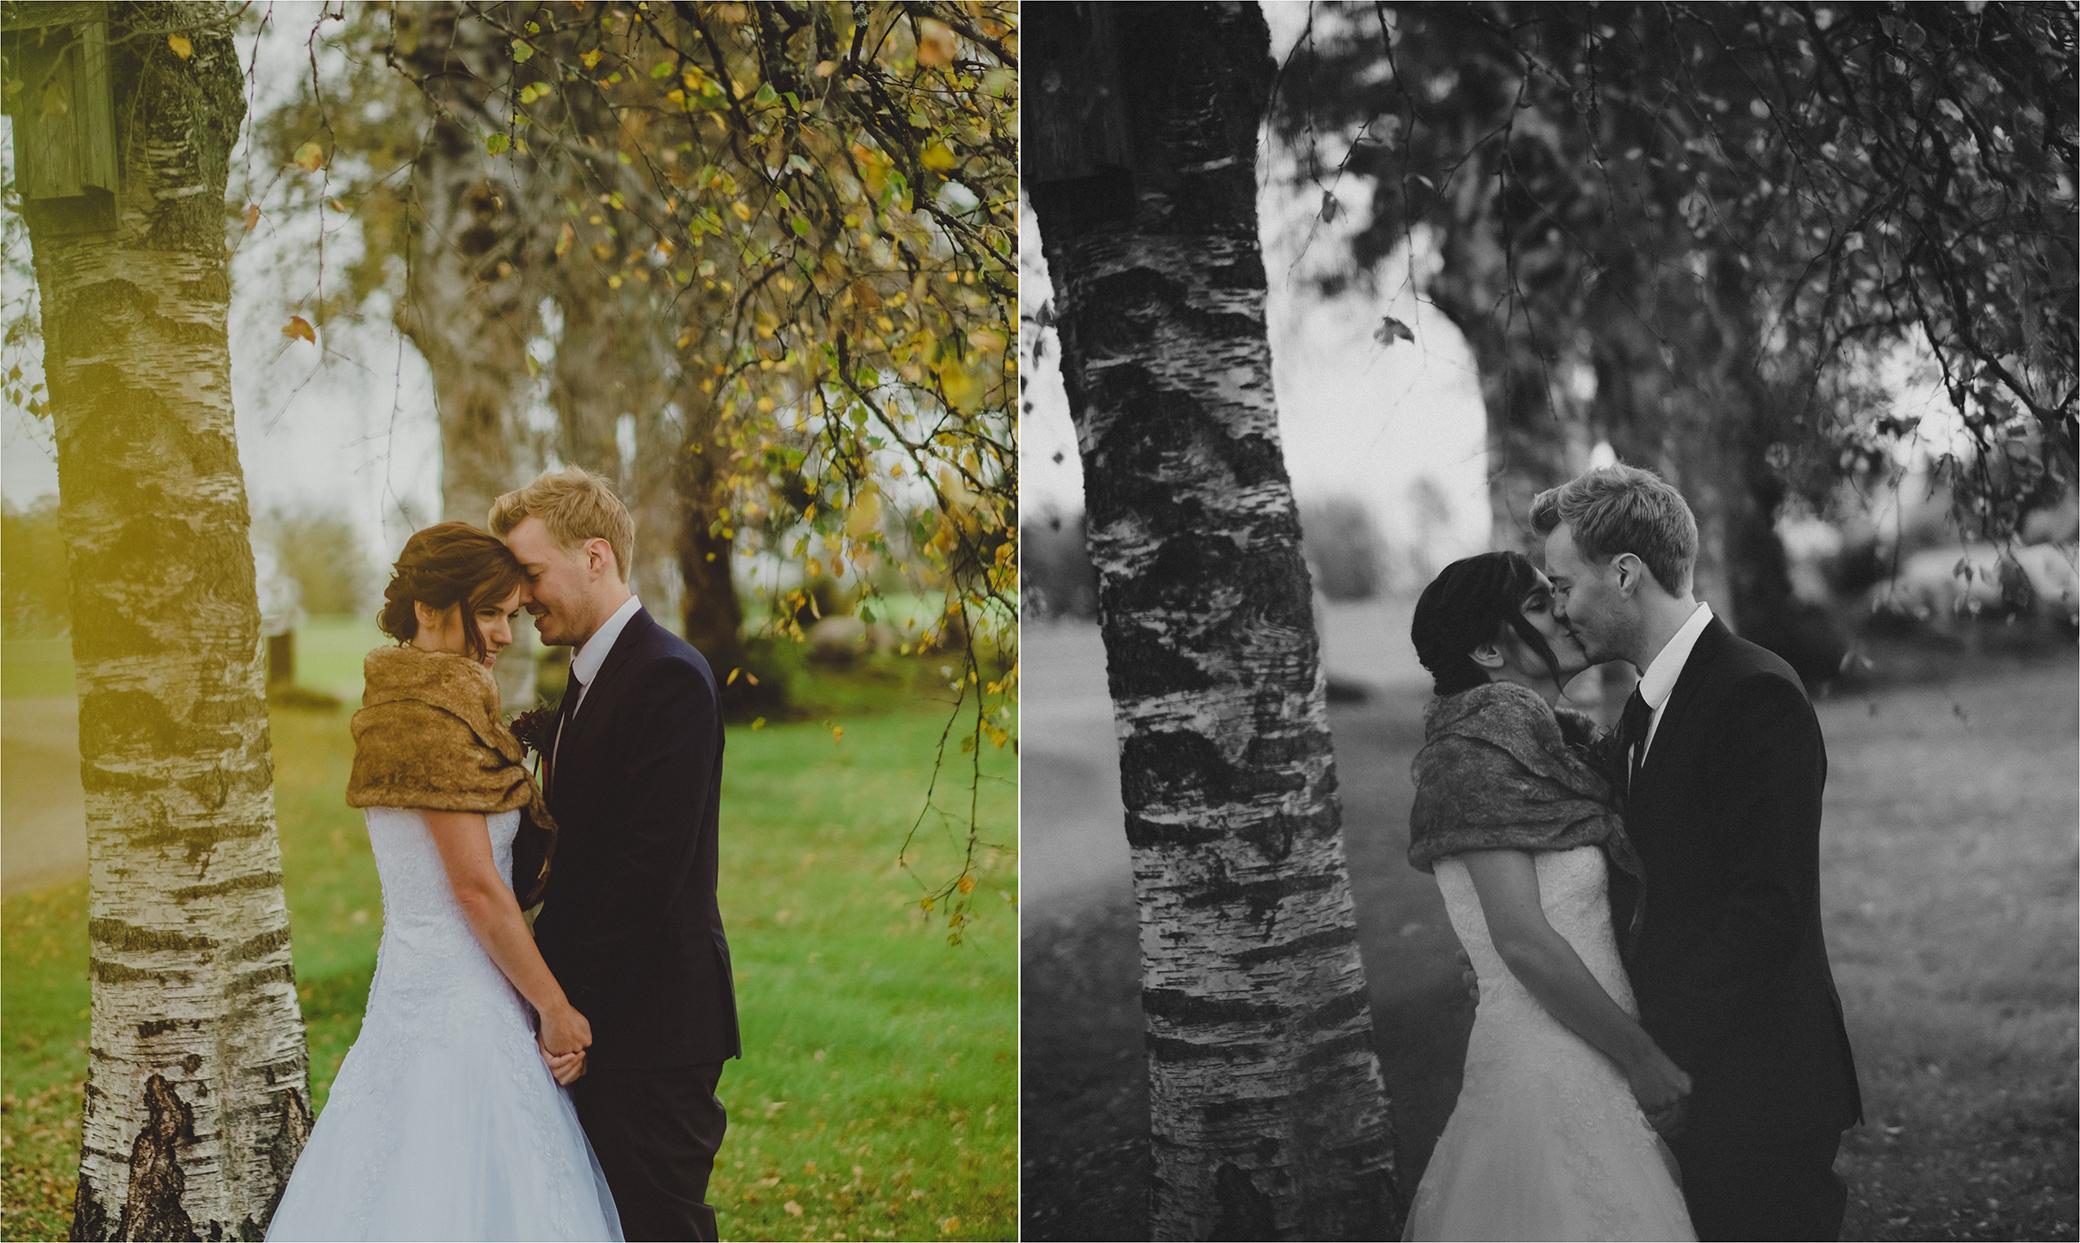 bröllopsfoto-fotograf-max-norin-84.jpg